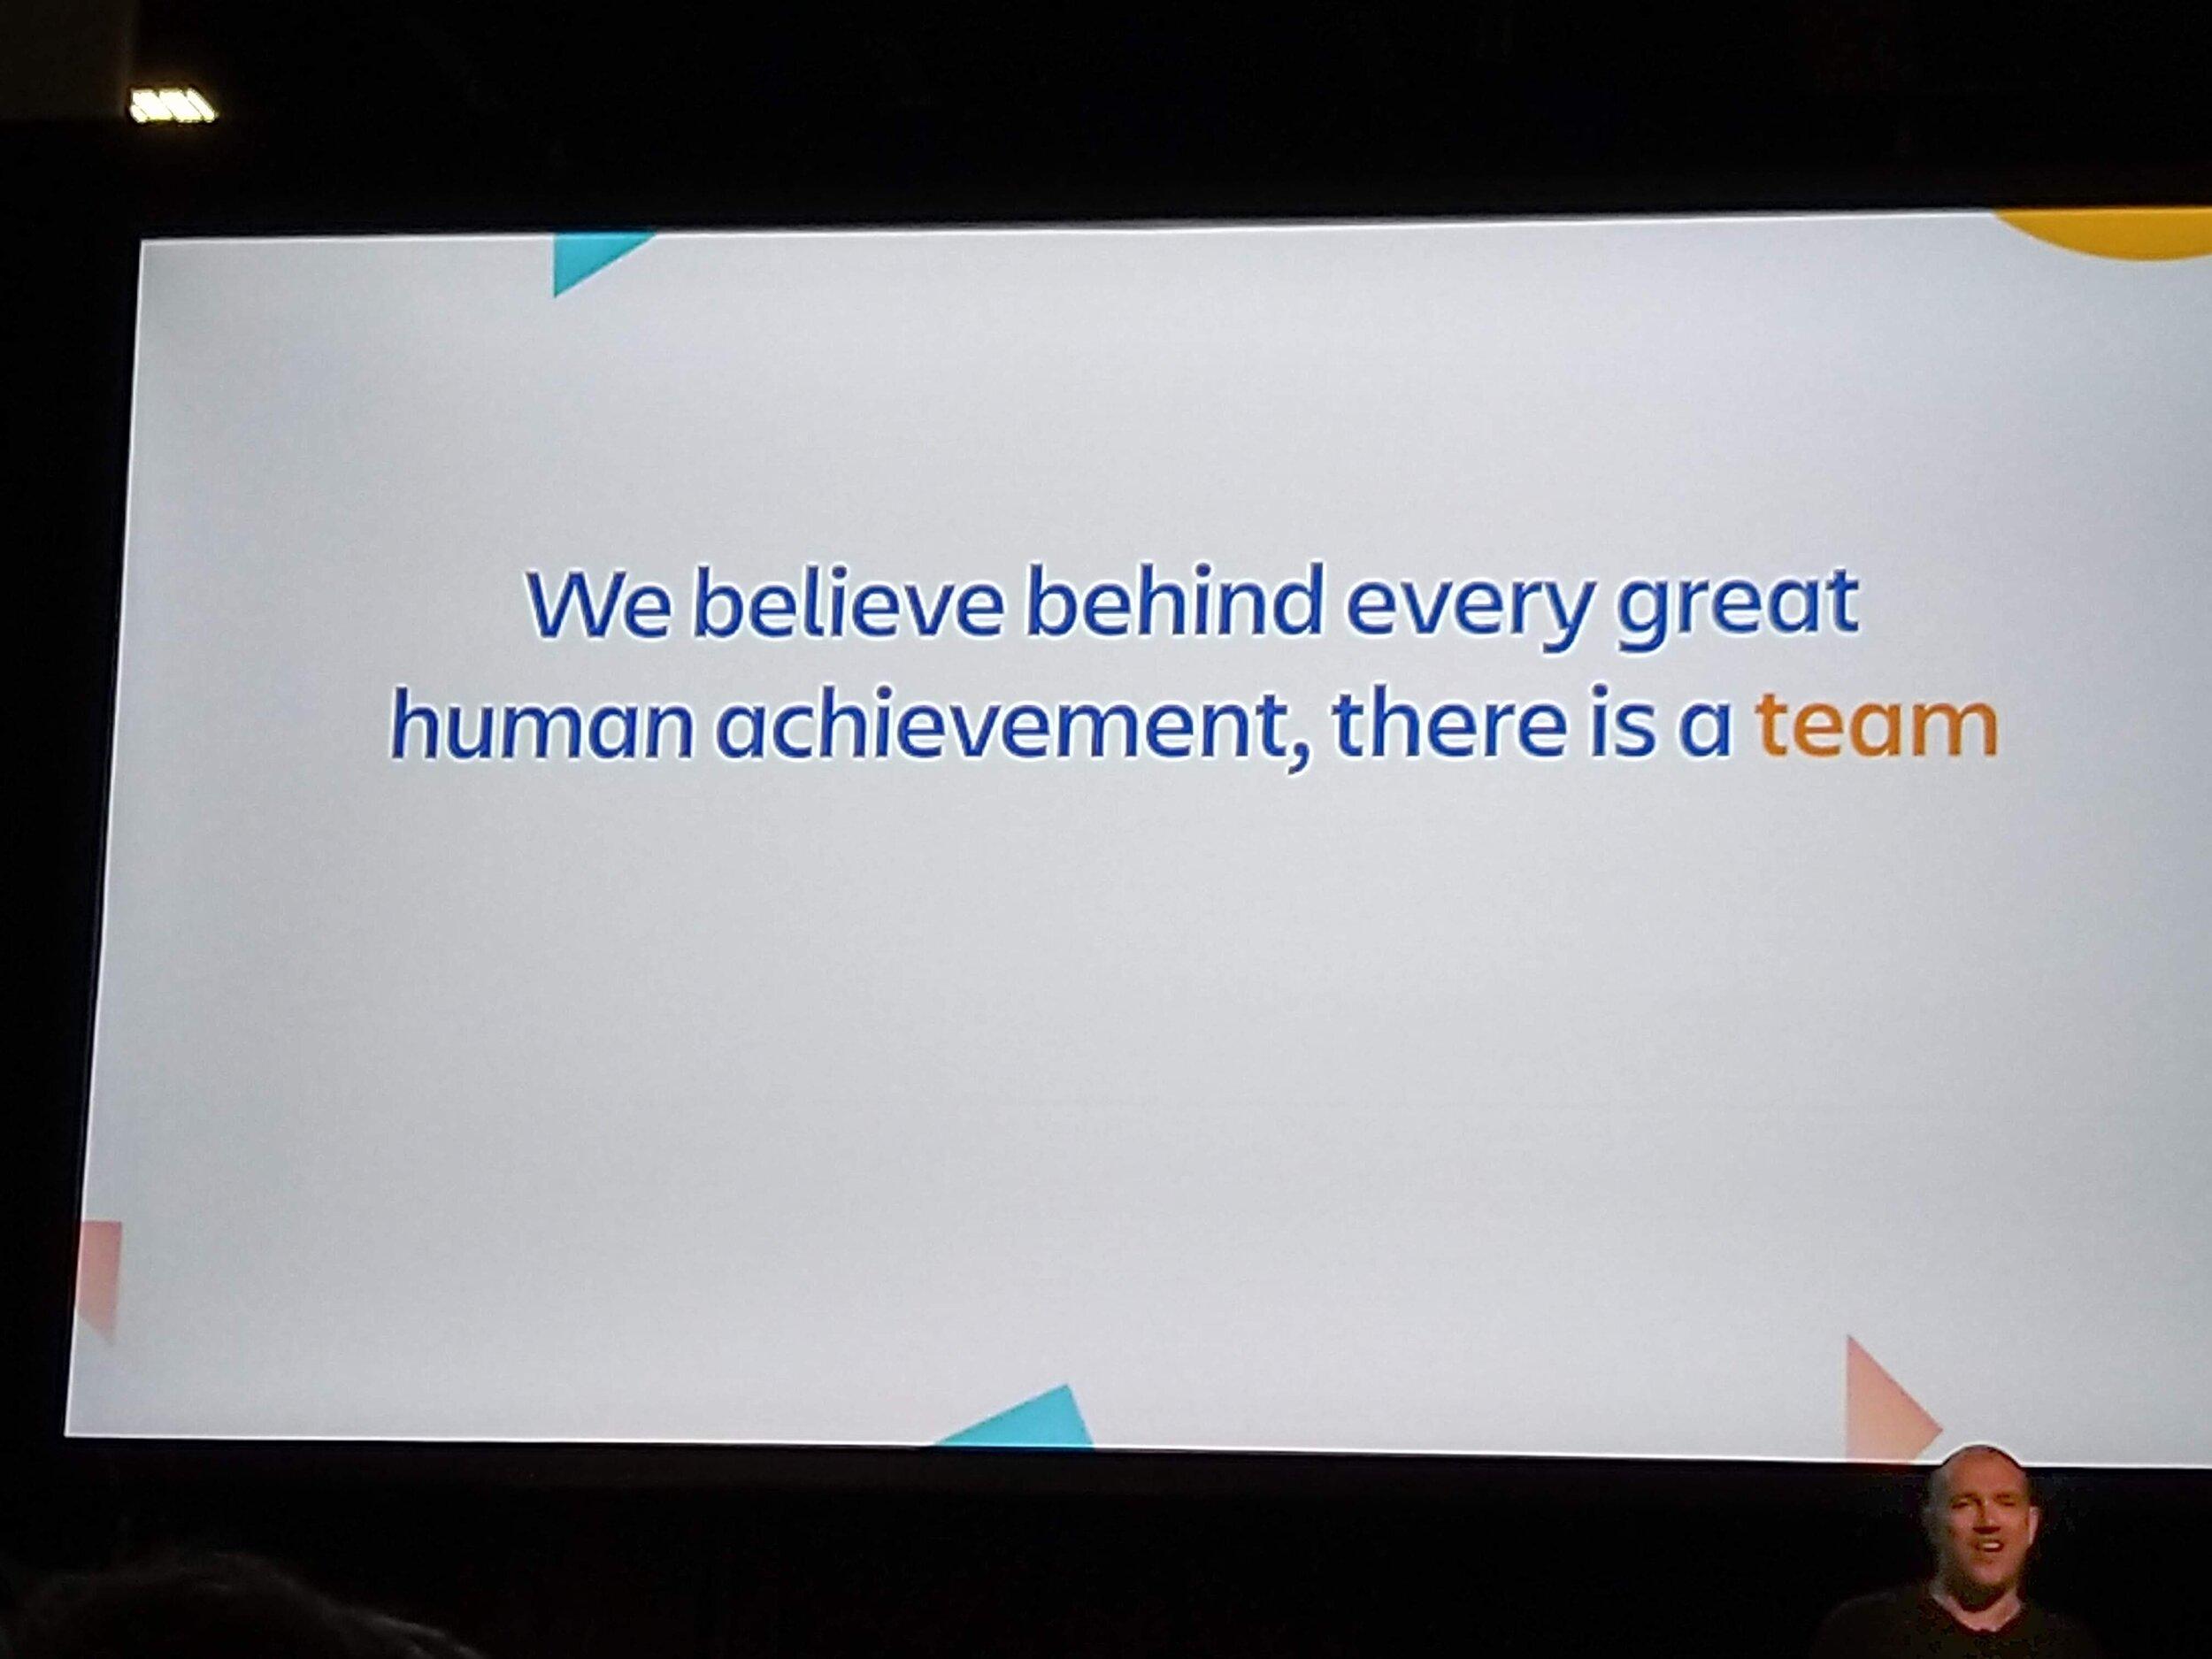 Human_Achievement_Team-keeganluiters.jpg